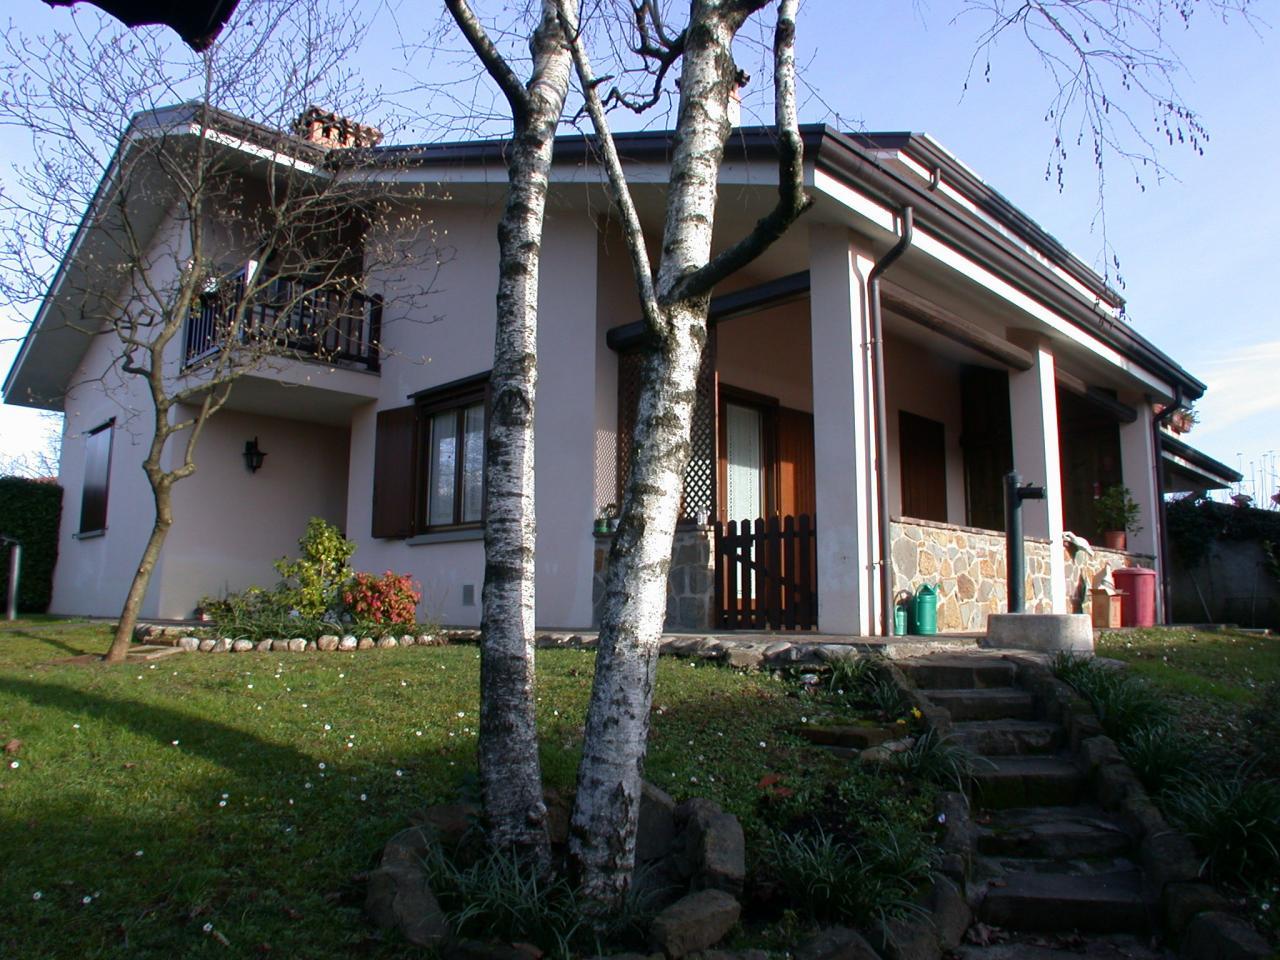 Soluzione Indipendente in vendita a Gorizia, 12 locali, zona Zona: Periferia, prezzo € 330.000 | Cambio Casa.it